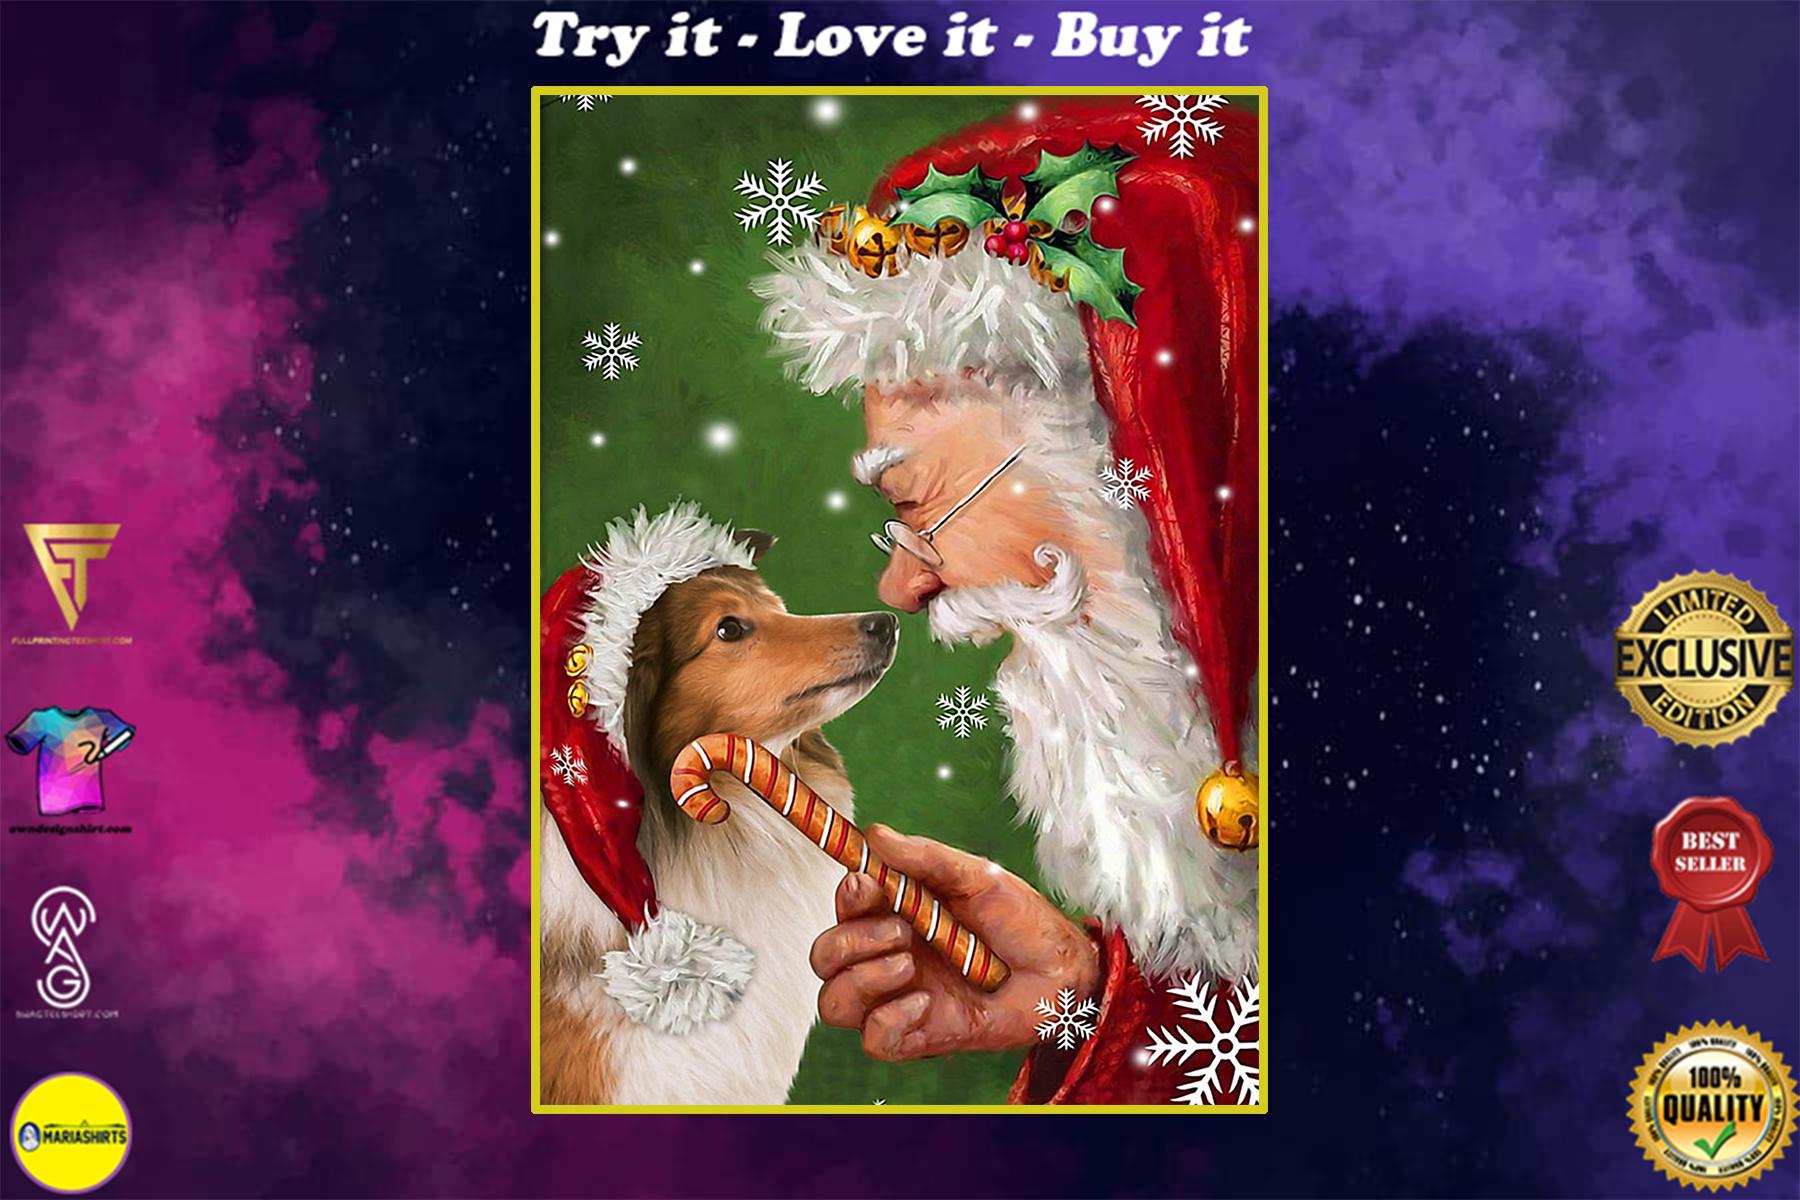 christmas shetland sheepdog and santa claus poster